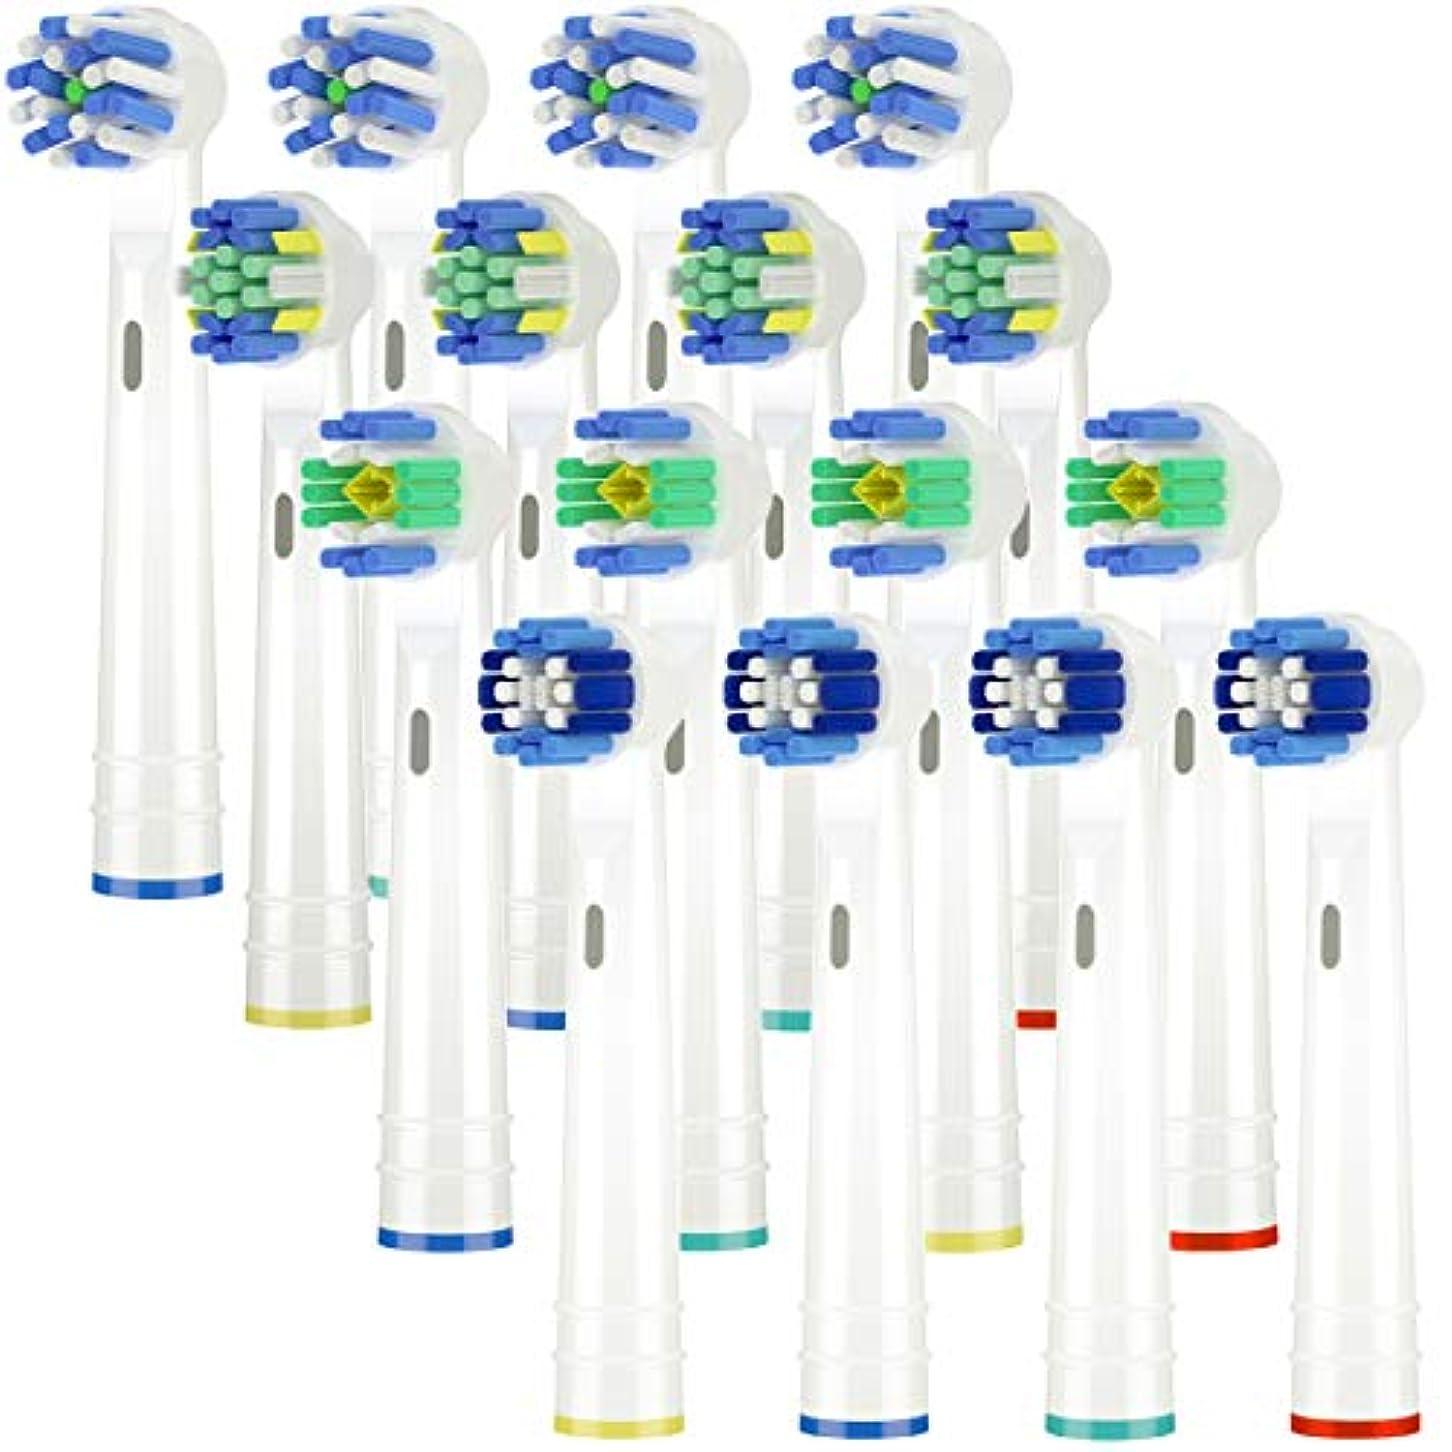 作家租界体操選手Itechnik 電動歯ブラシ 替えブラシ ブラウン オーラルB 対応 替えブラシ 4種類が入り:ホワイトニングブラシ 、ベーシックブラシ、歯間ワイパー付きブラシ、マルチアクションブラシ 凡用な16本